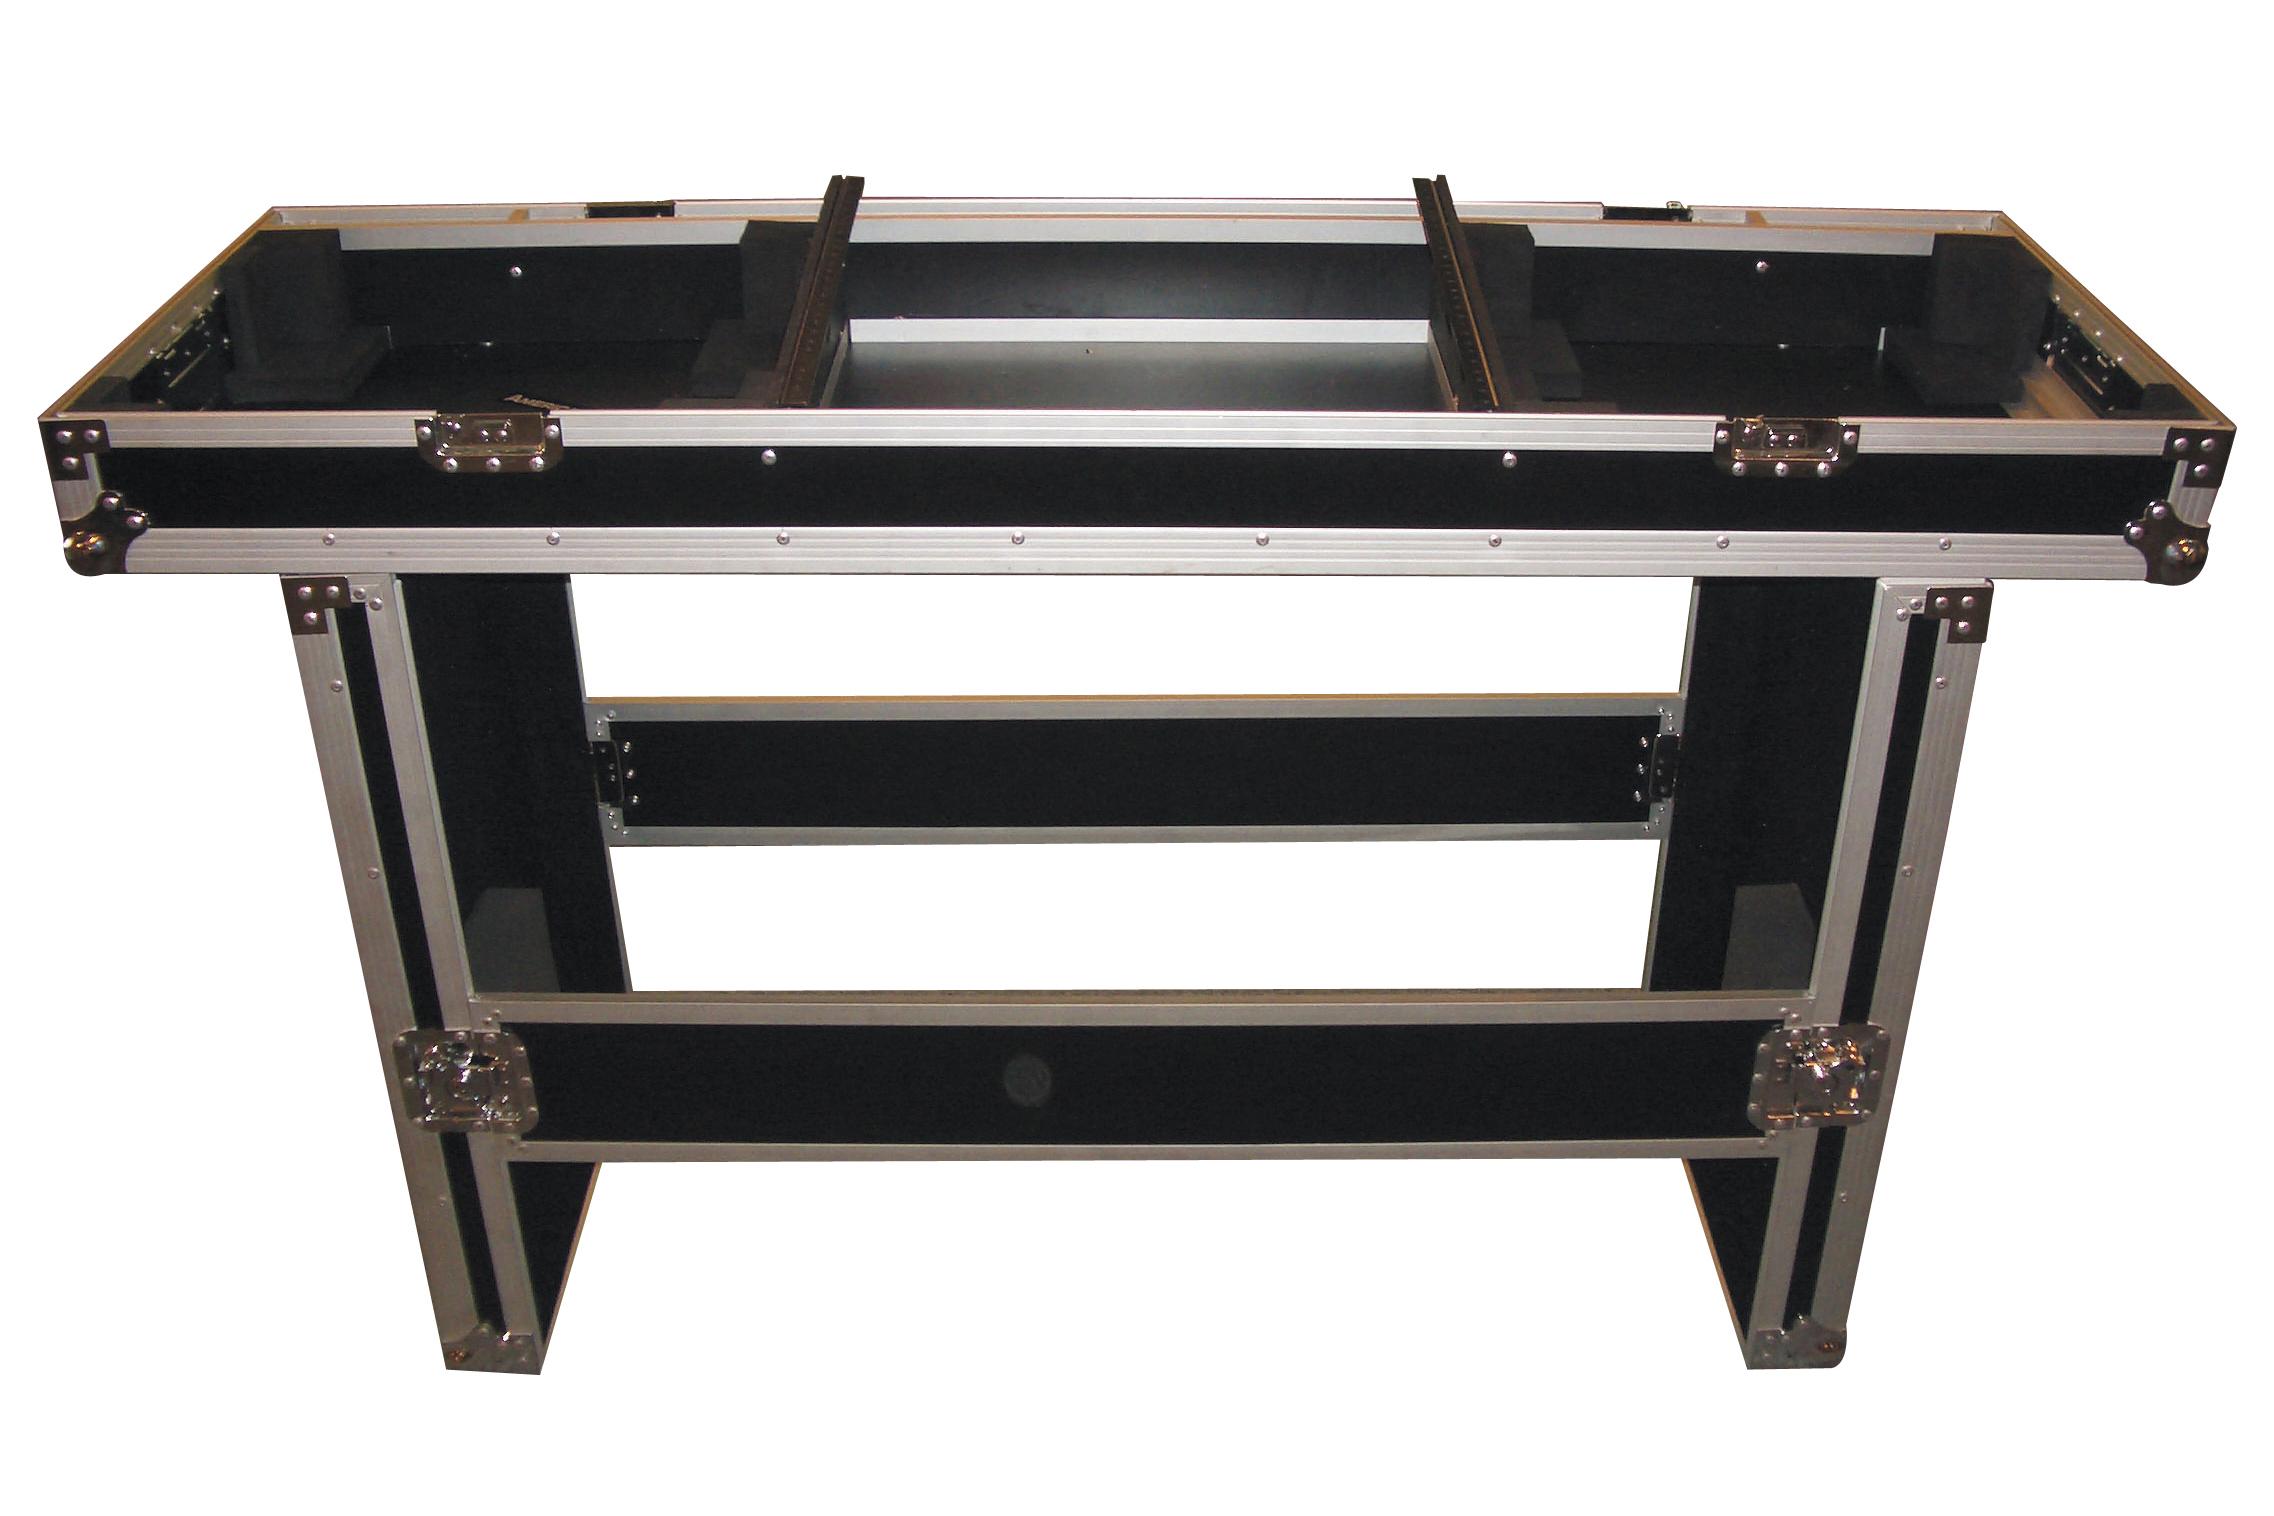 flyht pro case mobile dj desk case flightcase transportbox. Black Bedroom Furniture Sets. Home Design Ideas